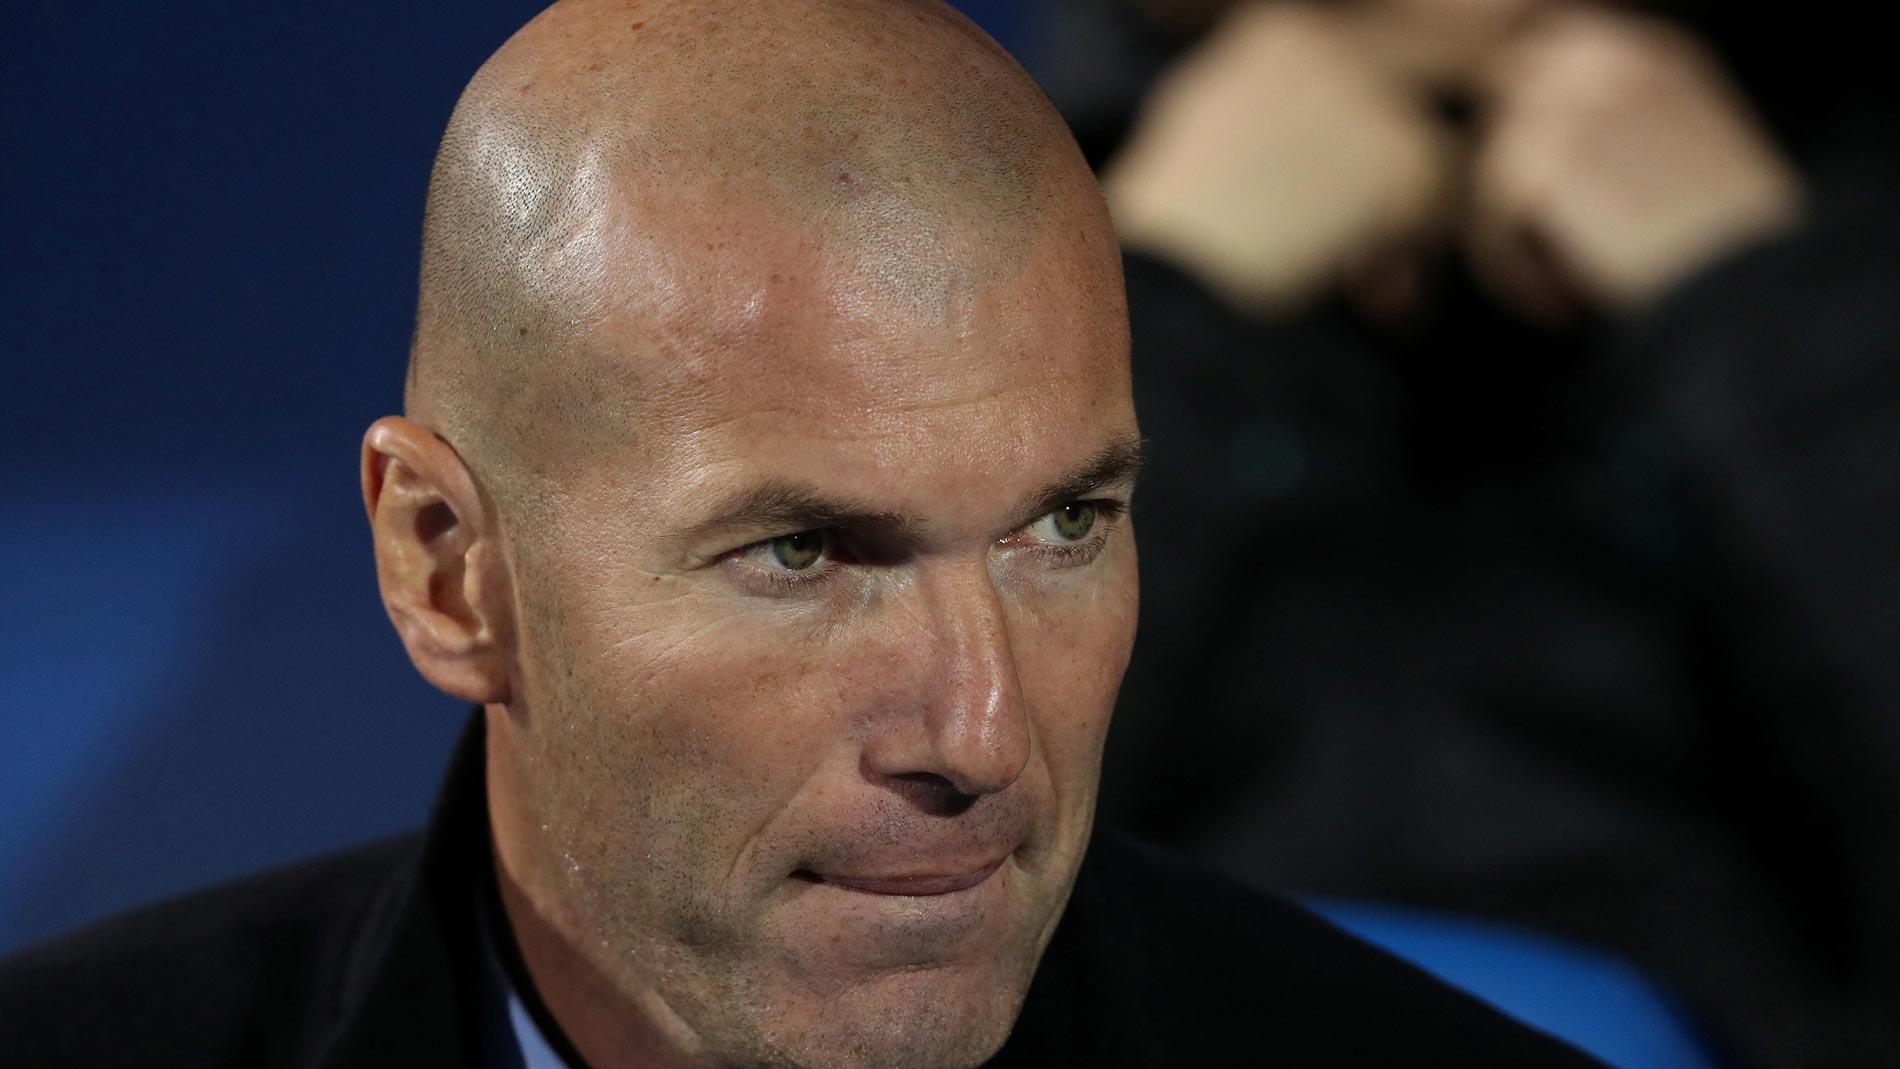 """Zidane: """"El resultado es muy bueno, hicimos un partido serio"""""""